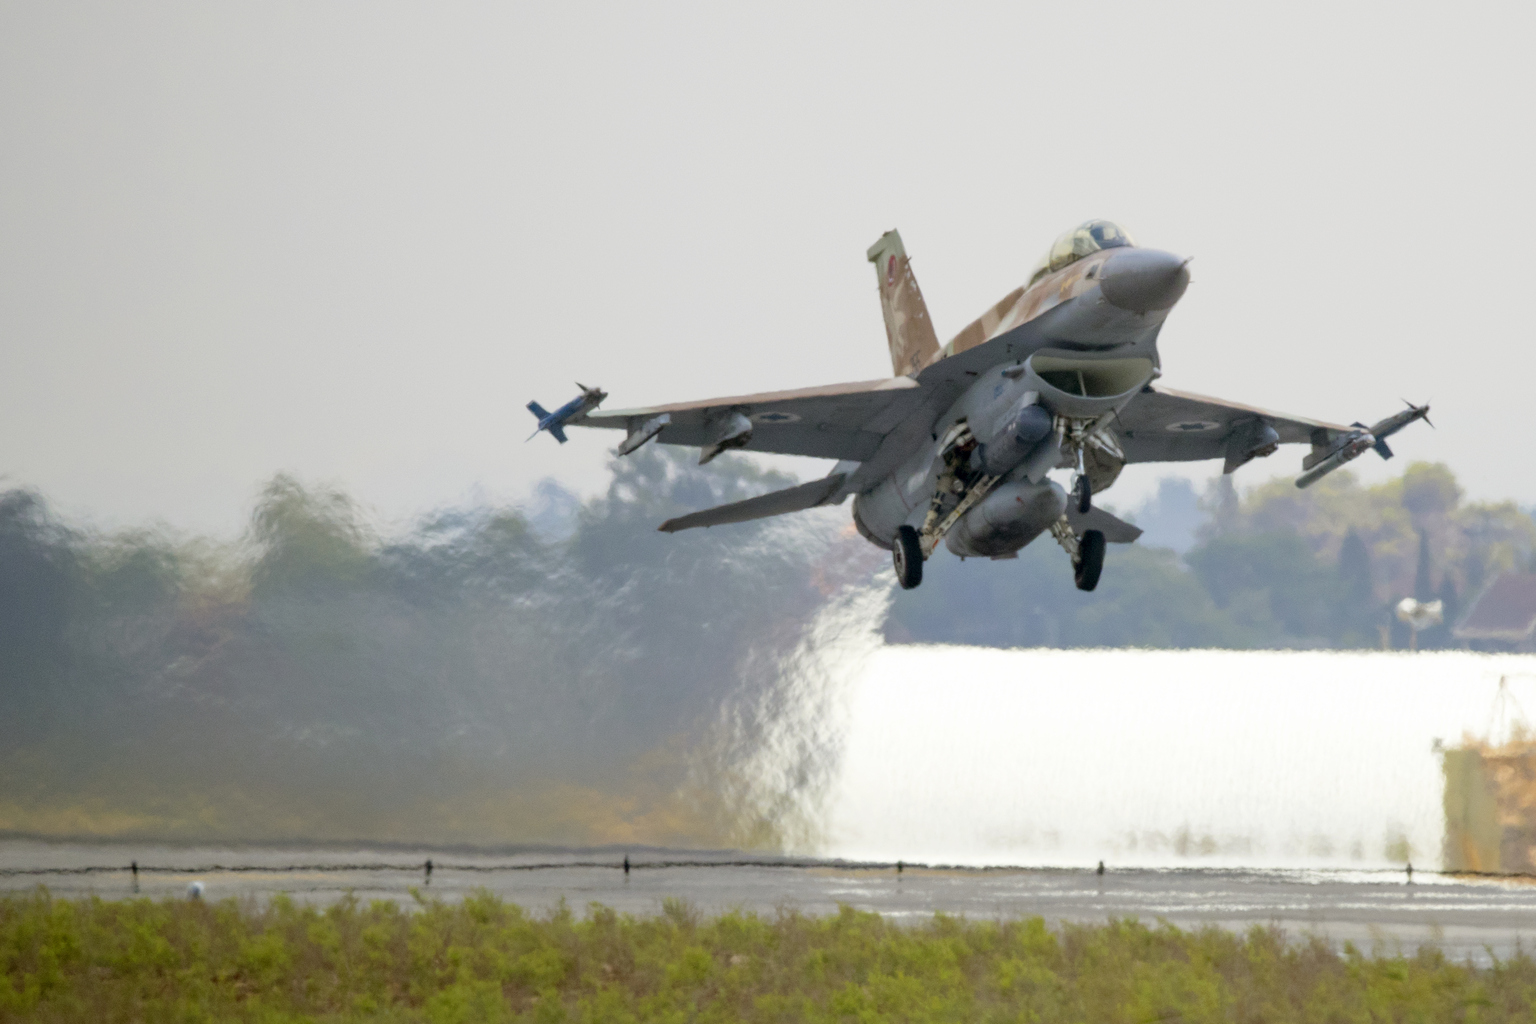 Az amerikaiak, mint gyártók nem hagyták jóvá Izraelnek, hogy Horvátországnak értékesítsék a szerződésben rögzített 12 vadászgépet #moszkvater